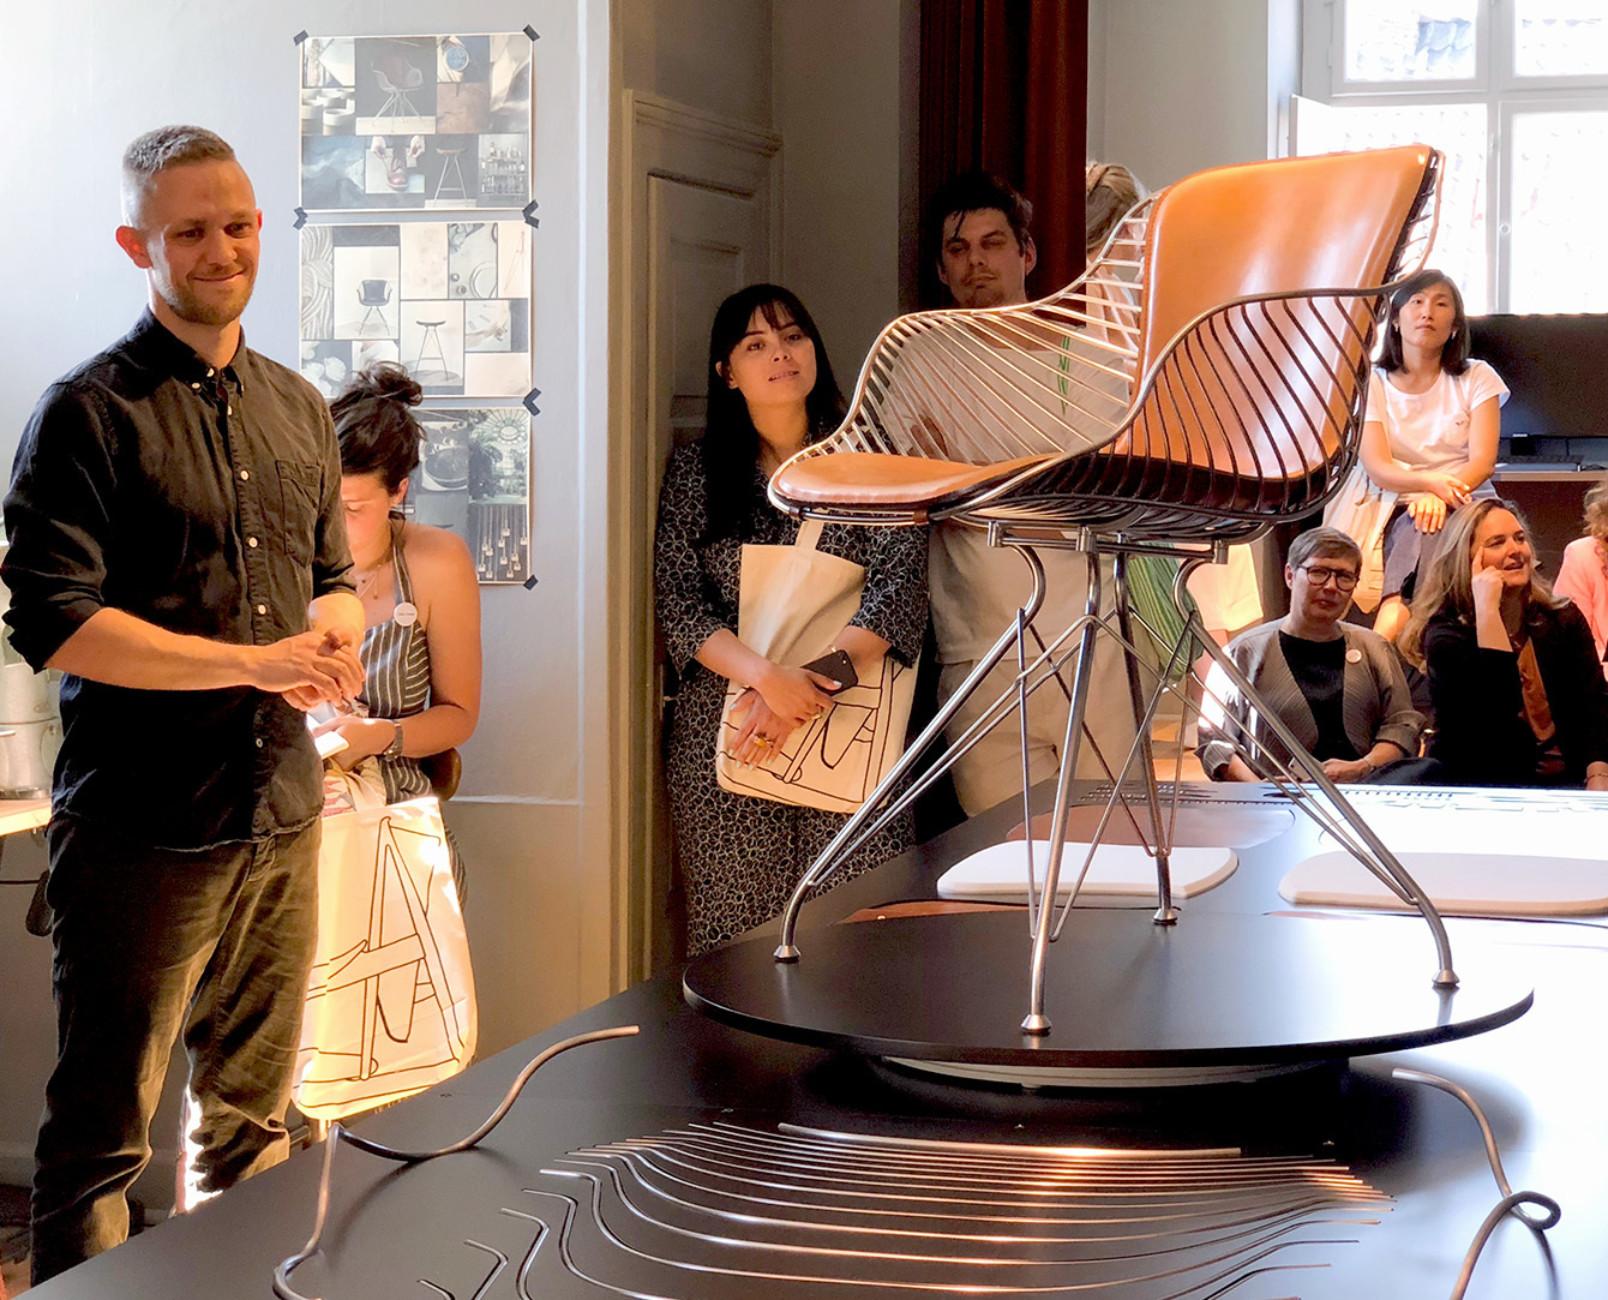 Christian Dyrman führt durch das Atelier von Overgaard&Dyrman